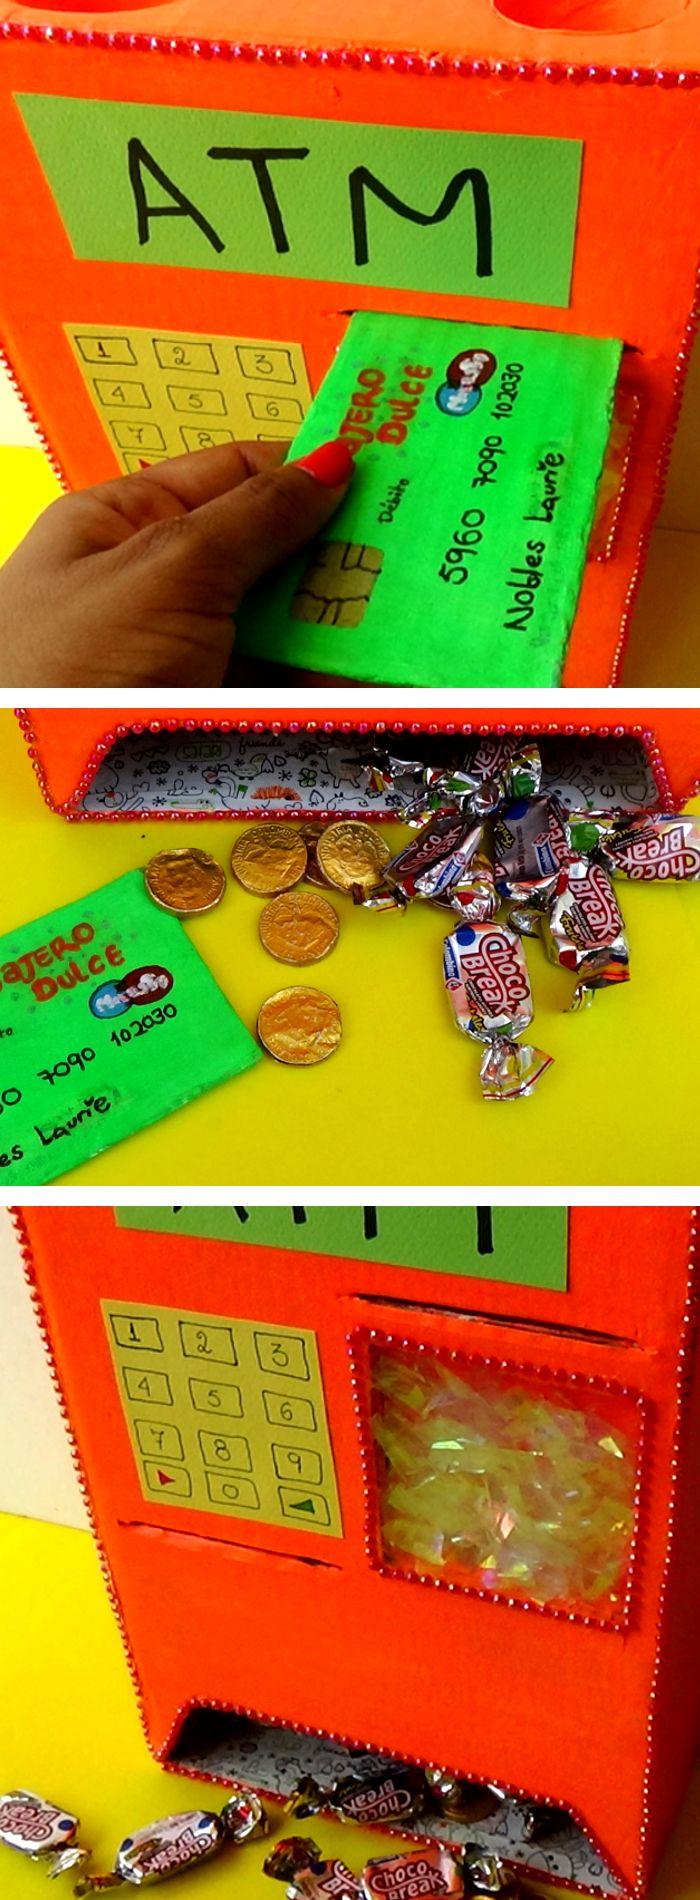 Este cajero automático es una idea muy útil con un mecanismo súper sencillo, la verdad me sorprendí de lo fácil que es. Es un dulcero donde puedes guardar tus monedas de chocolates y dulces. Incluso, puedes utilizarla en fiestas infantiles, en tu escritorio, mesa de noche y hasta para un cumpleaños.   Puedes poner contraseña secreta, introducir tu tarjeta débito y sacar tus dulces favoritos.